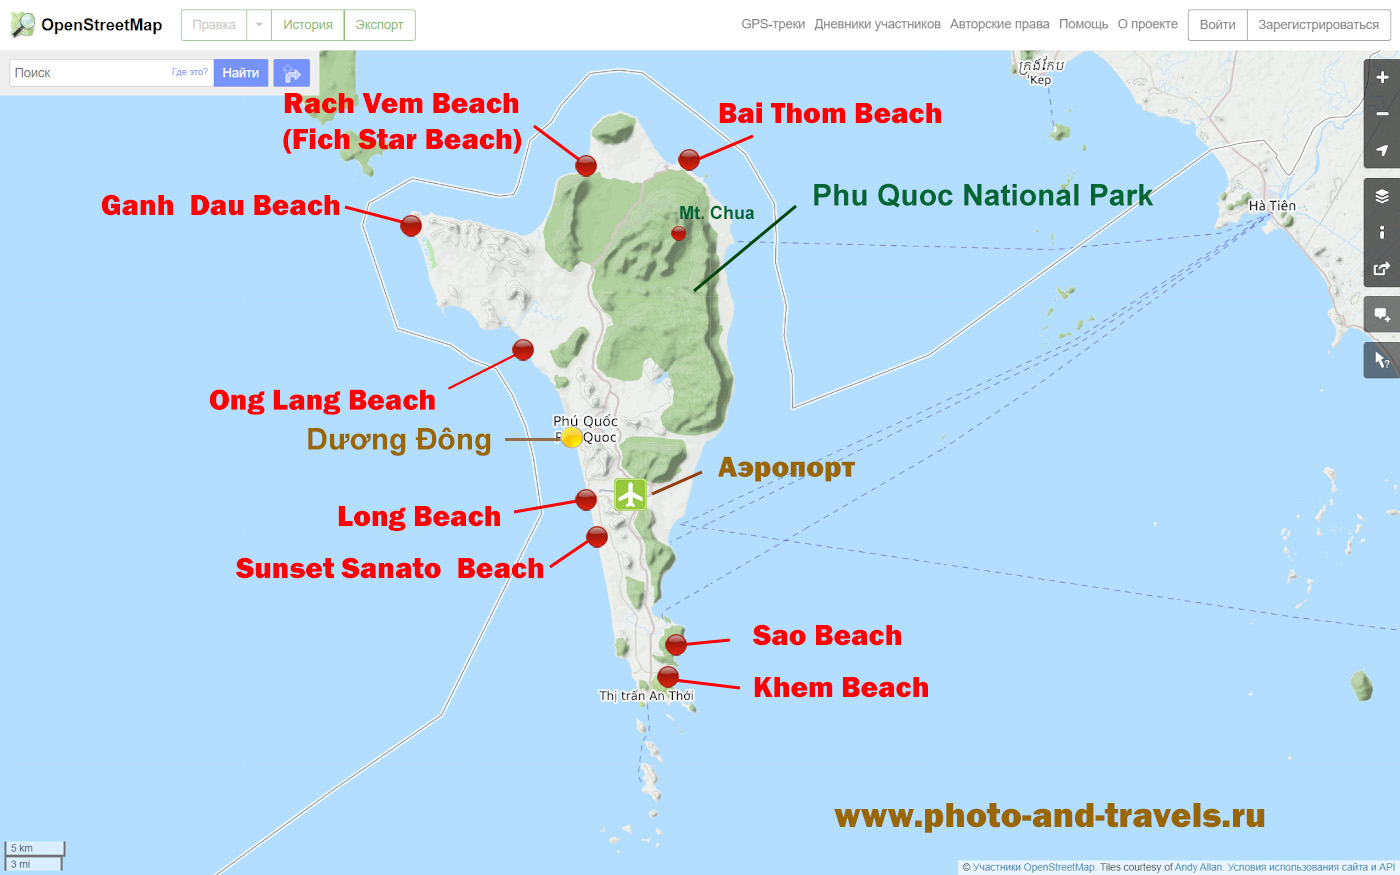 5. Карта расположения пляжей и достопримечательностей на острове Фукуок.